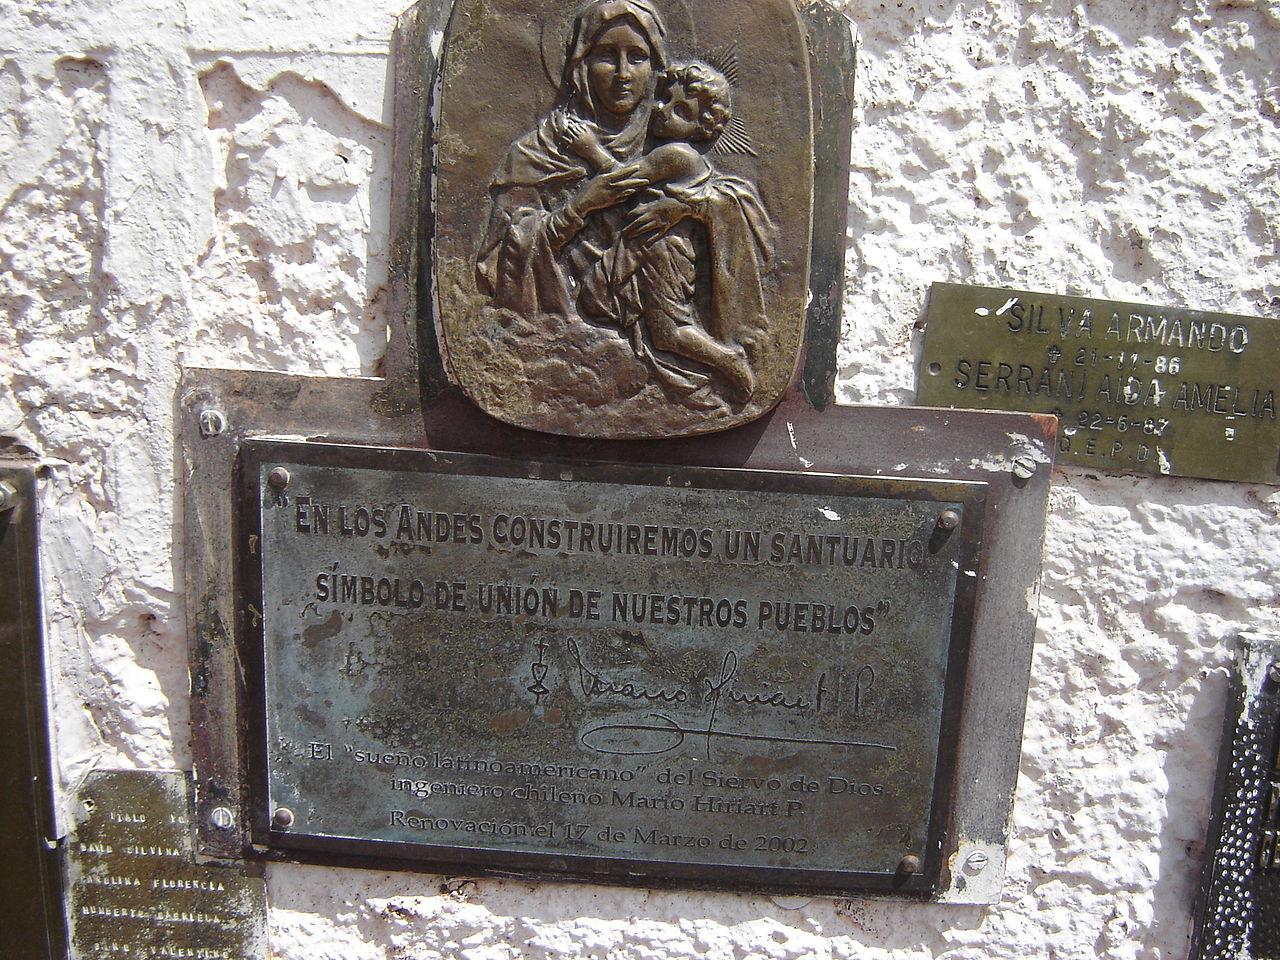 Андский Христос, памятный знак на постаменте